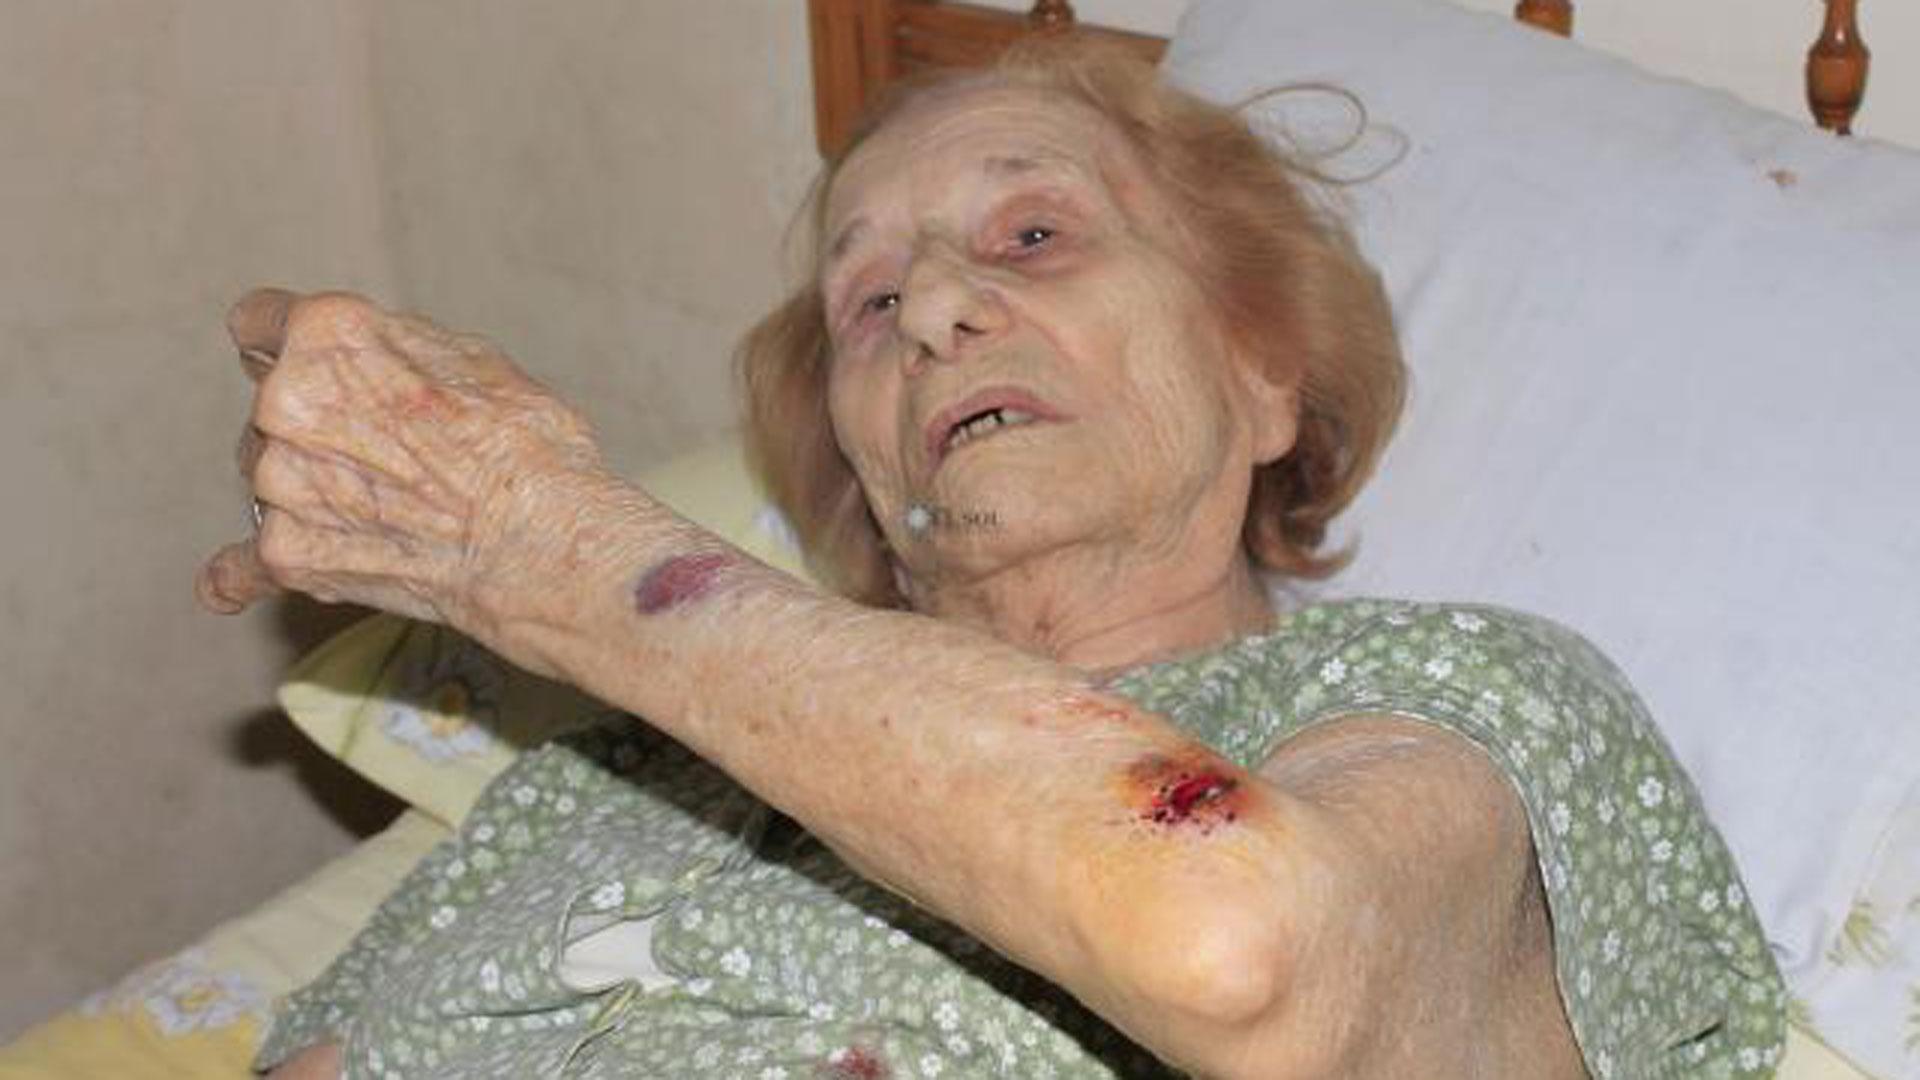 El 90% de los casos de violencia son protagonizados por familiares directos de los ancianos (El Sol Noticias)